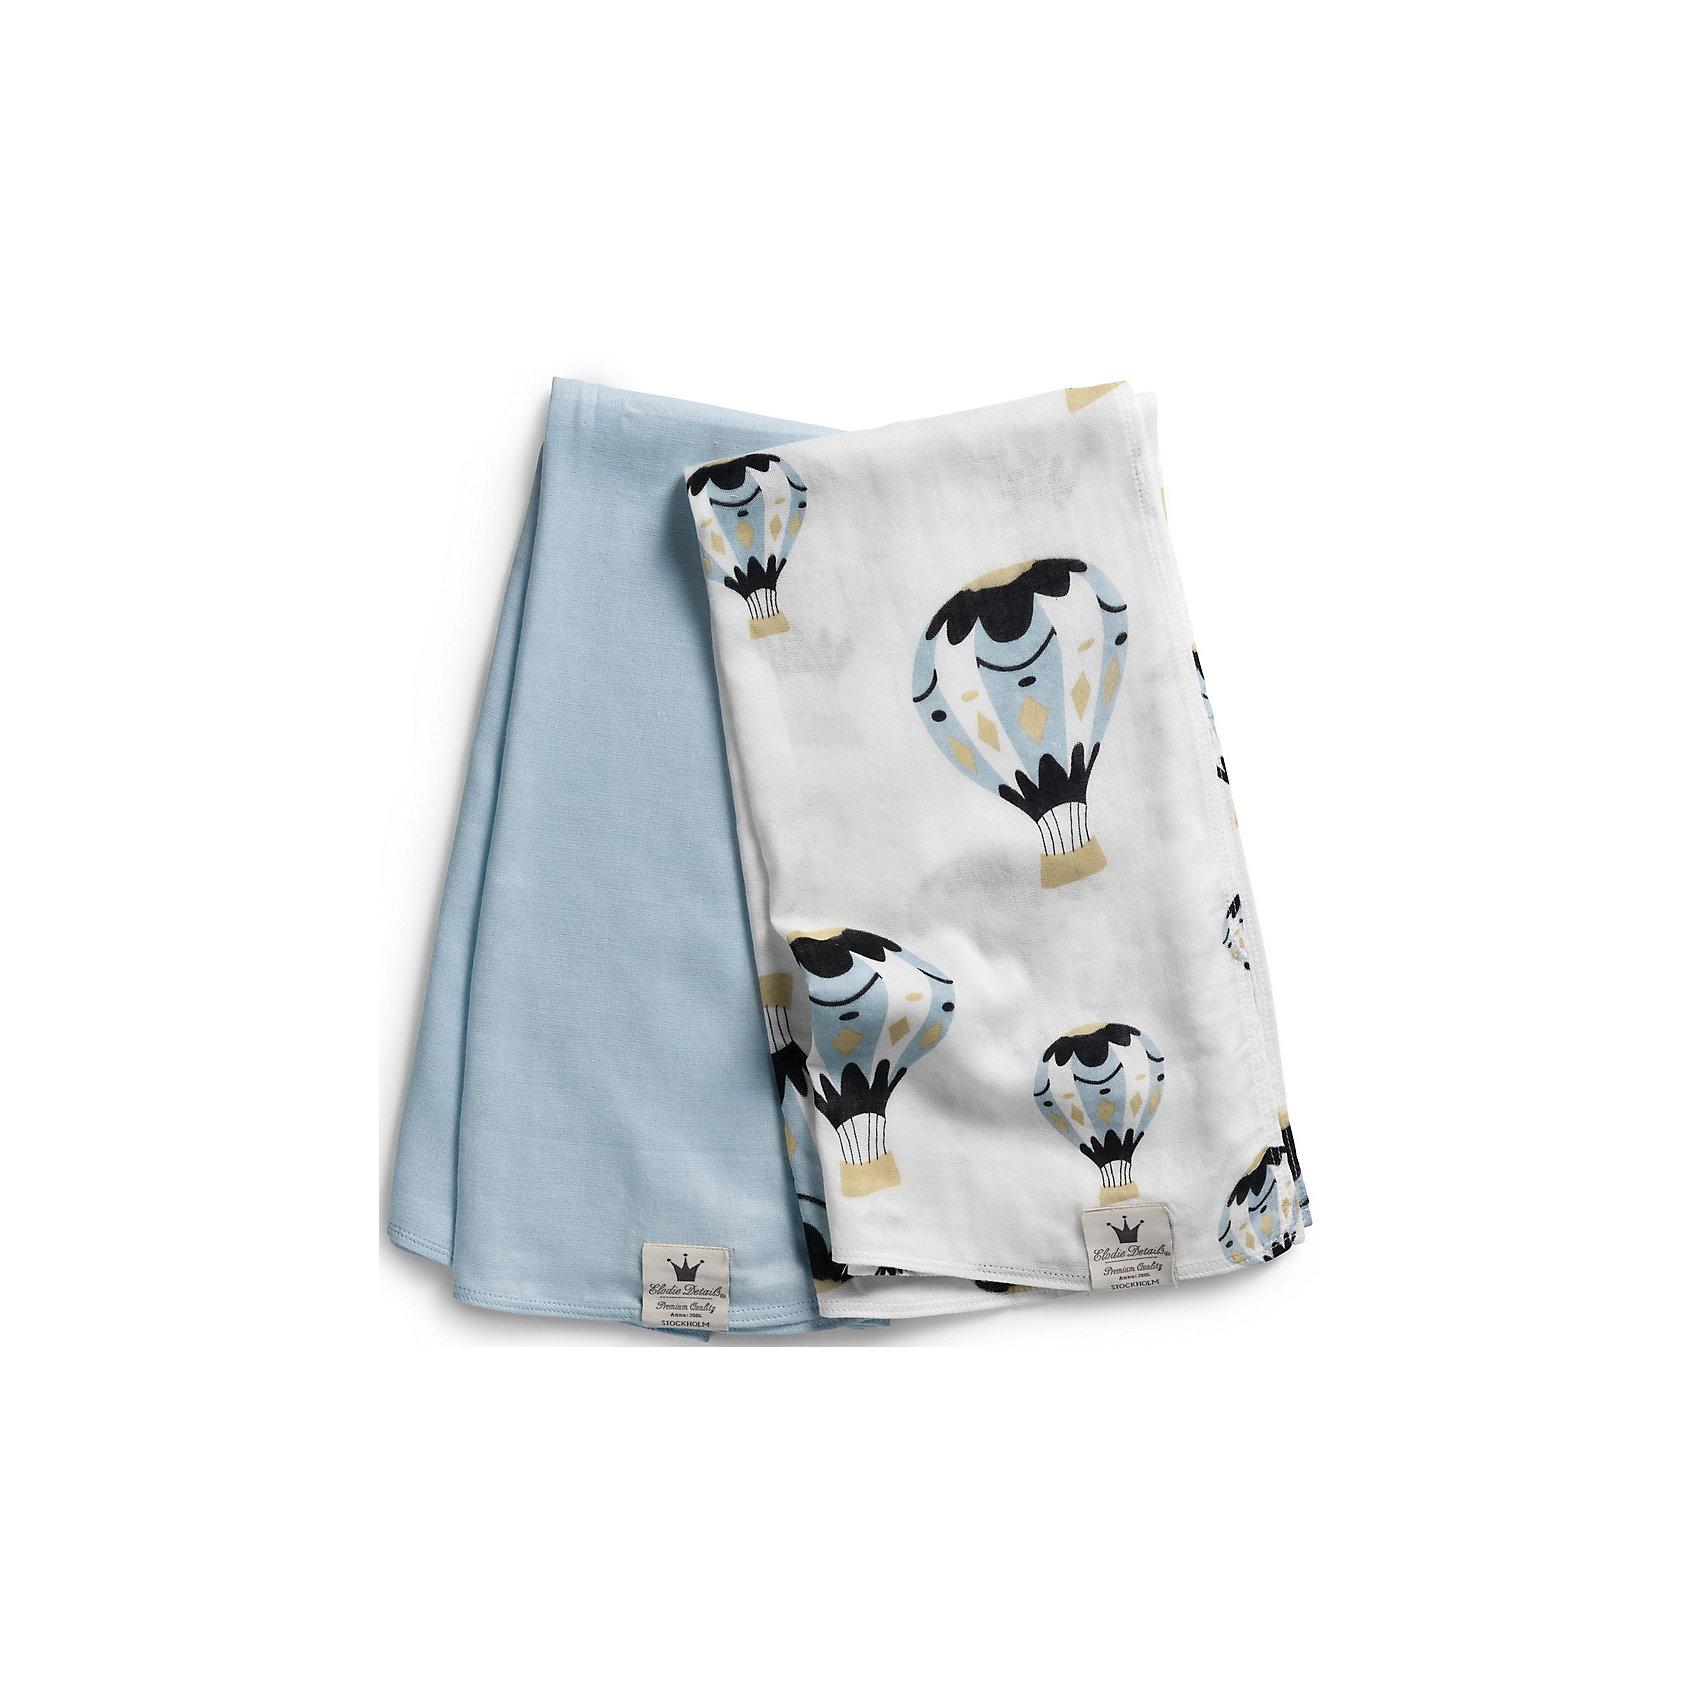 Плед Moon Baloon, Elodie Details (бамбук)Одеяла, пледы<br>Плед Elodie Details               Невесомые муслиновые пеленки незаменимы в теплое время года. Легкая двухслойная ткань из бамбукового волокна прекрасно пропускает воздух, позволяя коже ребенка дышать, и впитывает лишнюю влагу. Пеленки можно использовать в качестве легкого летнего пледа - дома и на прогулке, - а также накрывать коляску от прямых солнечных лучей.                - размер: 78х78 см        - состав: 70% бамбуковое волокно, 30% хлопок                КоллекцияElodie Details Moon Baloon полна литературных аллюзий - само название, а также романтичный воздушный шар дизайнеры шведского бренда позаимствовали у известной американской художницы Джоан Дрешер (Joan Drescher), участницы большого благотворительного проекта Массачусетса Moon Baloon. По большому счетуMoon Baloon - это детская красочно иллюстрированная книга, которая была выпущена с целью арт-терапии больных детей и имела небывалый успех. А фраза, использованная на пустышке - Люблю тебя до луны и обратно - прямая цитата из доброй детской сказки ирландского писателяСэма Макбратни.<br><br>Ширина мм: 430<br>Глубина мм: 200<br>Высота мм: 25<br>Вес г: 185<br>Возраст от месяцев: 0<br>Возраст до месяцев: 36<br>Пол: Мужской<br>Возраст: Детский<br>SKU: 4966112